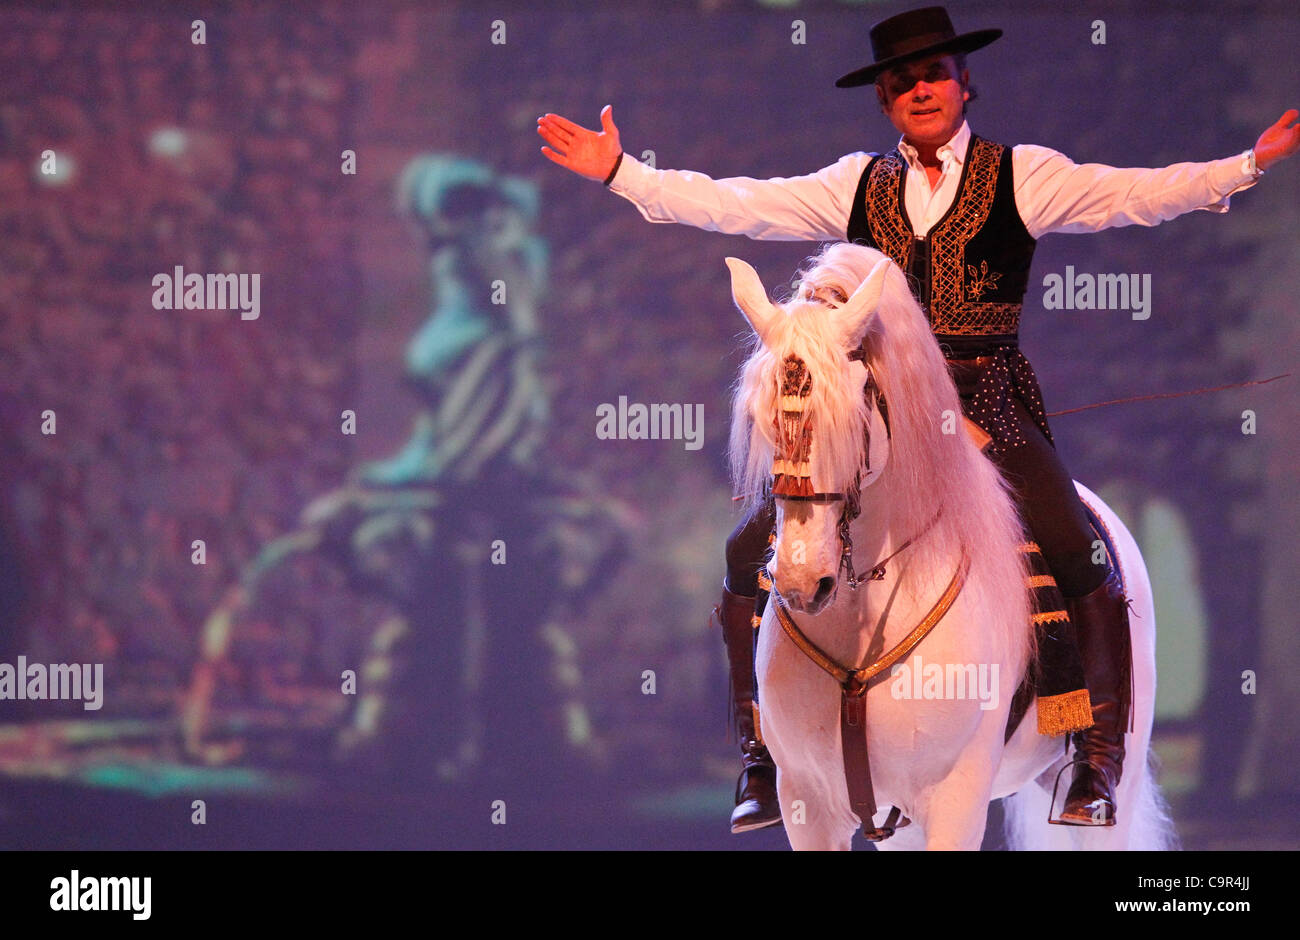 Apassionata / Die neue Show 2012 vom 10.02.2012 aus Basel / 100212 / 2012 / Europas erfolgreichste Unterhaltungsshow - Stock Image